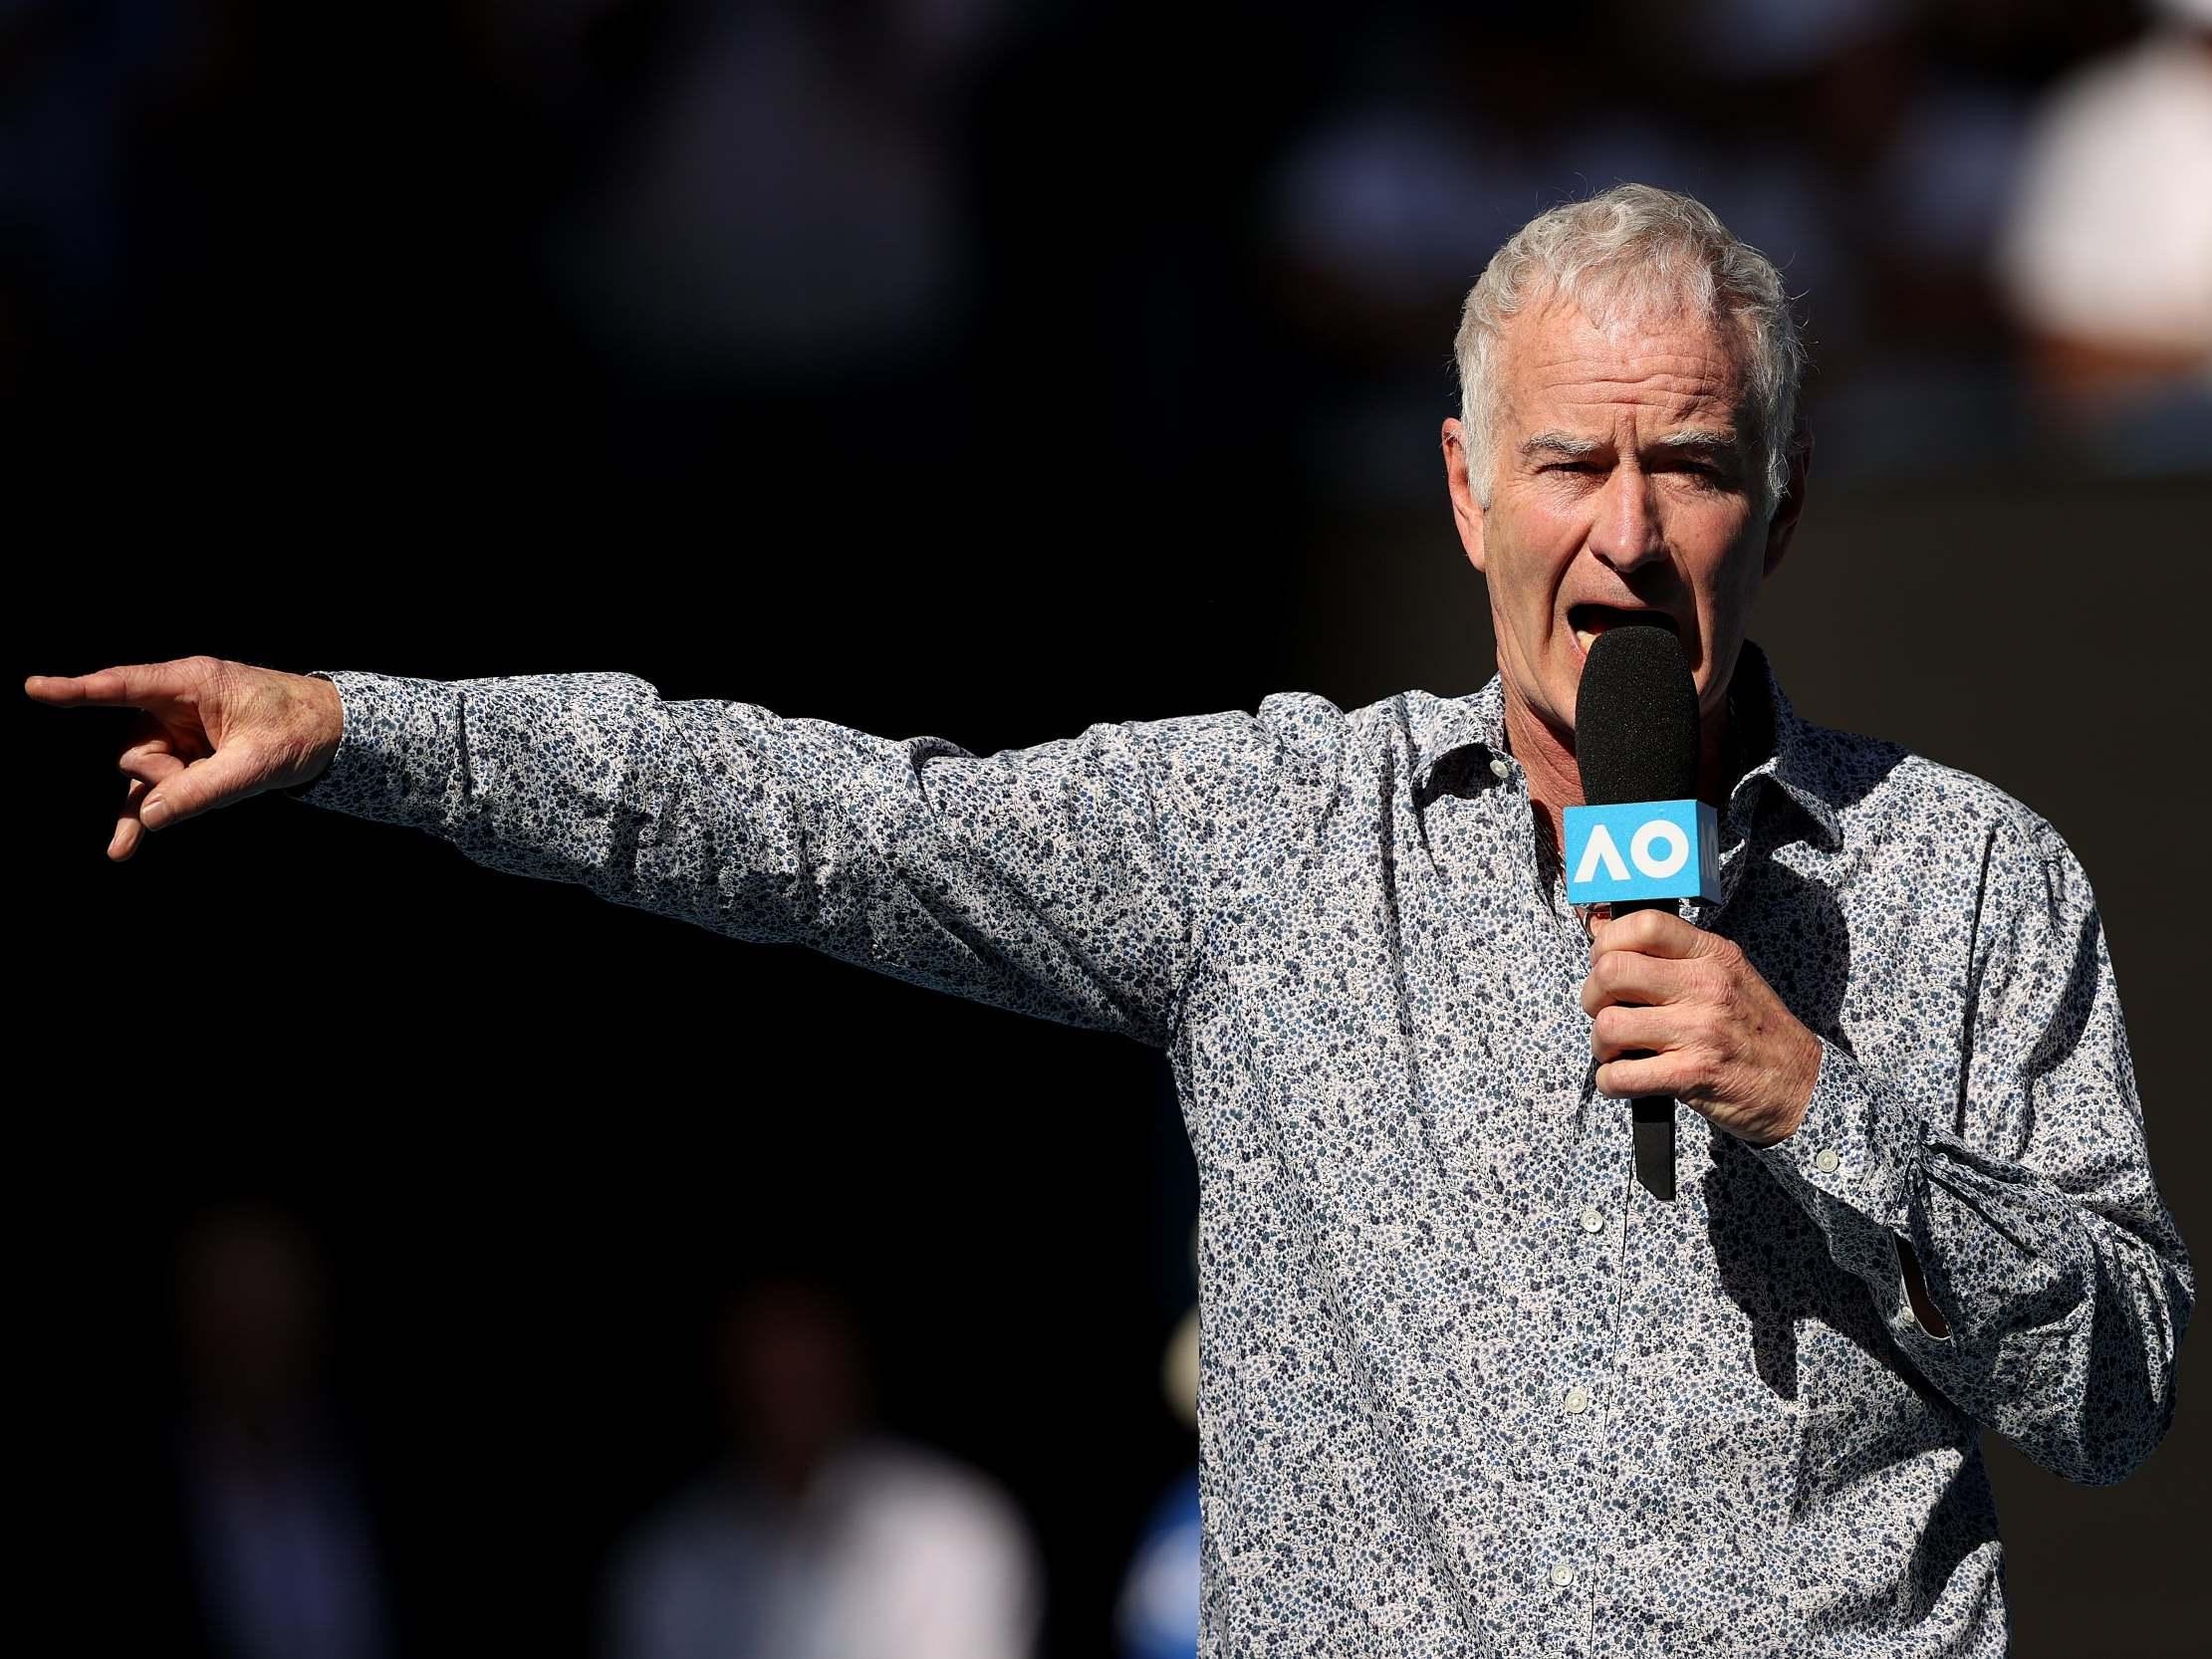 Australian Open 2020: John McEnroe condemns 'homophobic' Margaret Court to 'past where she belongs'